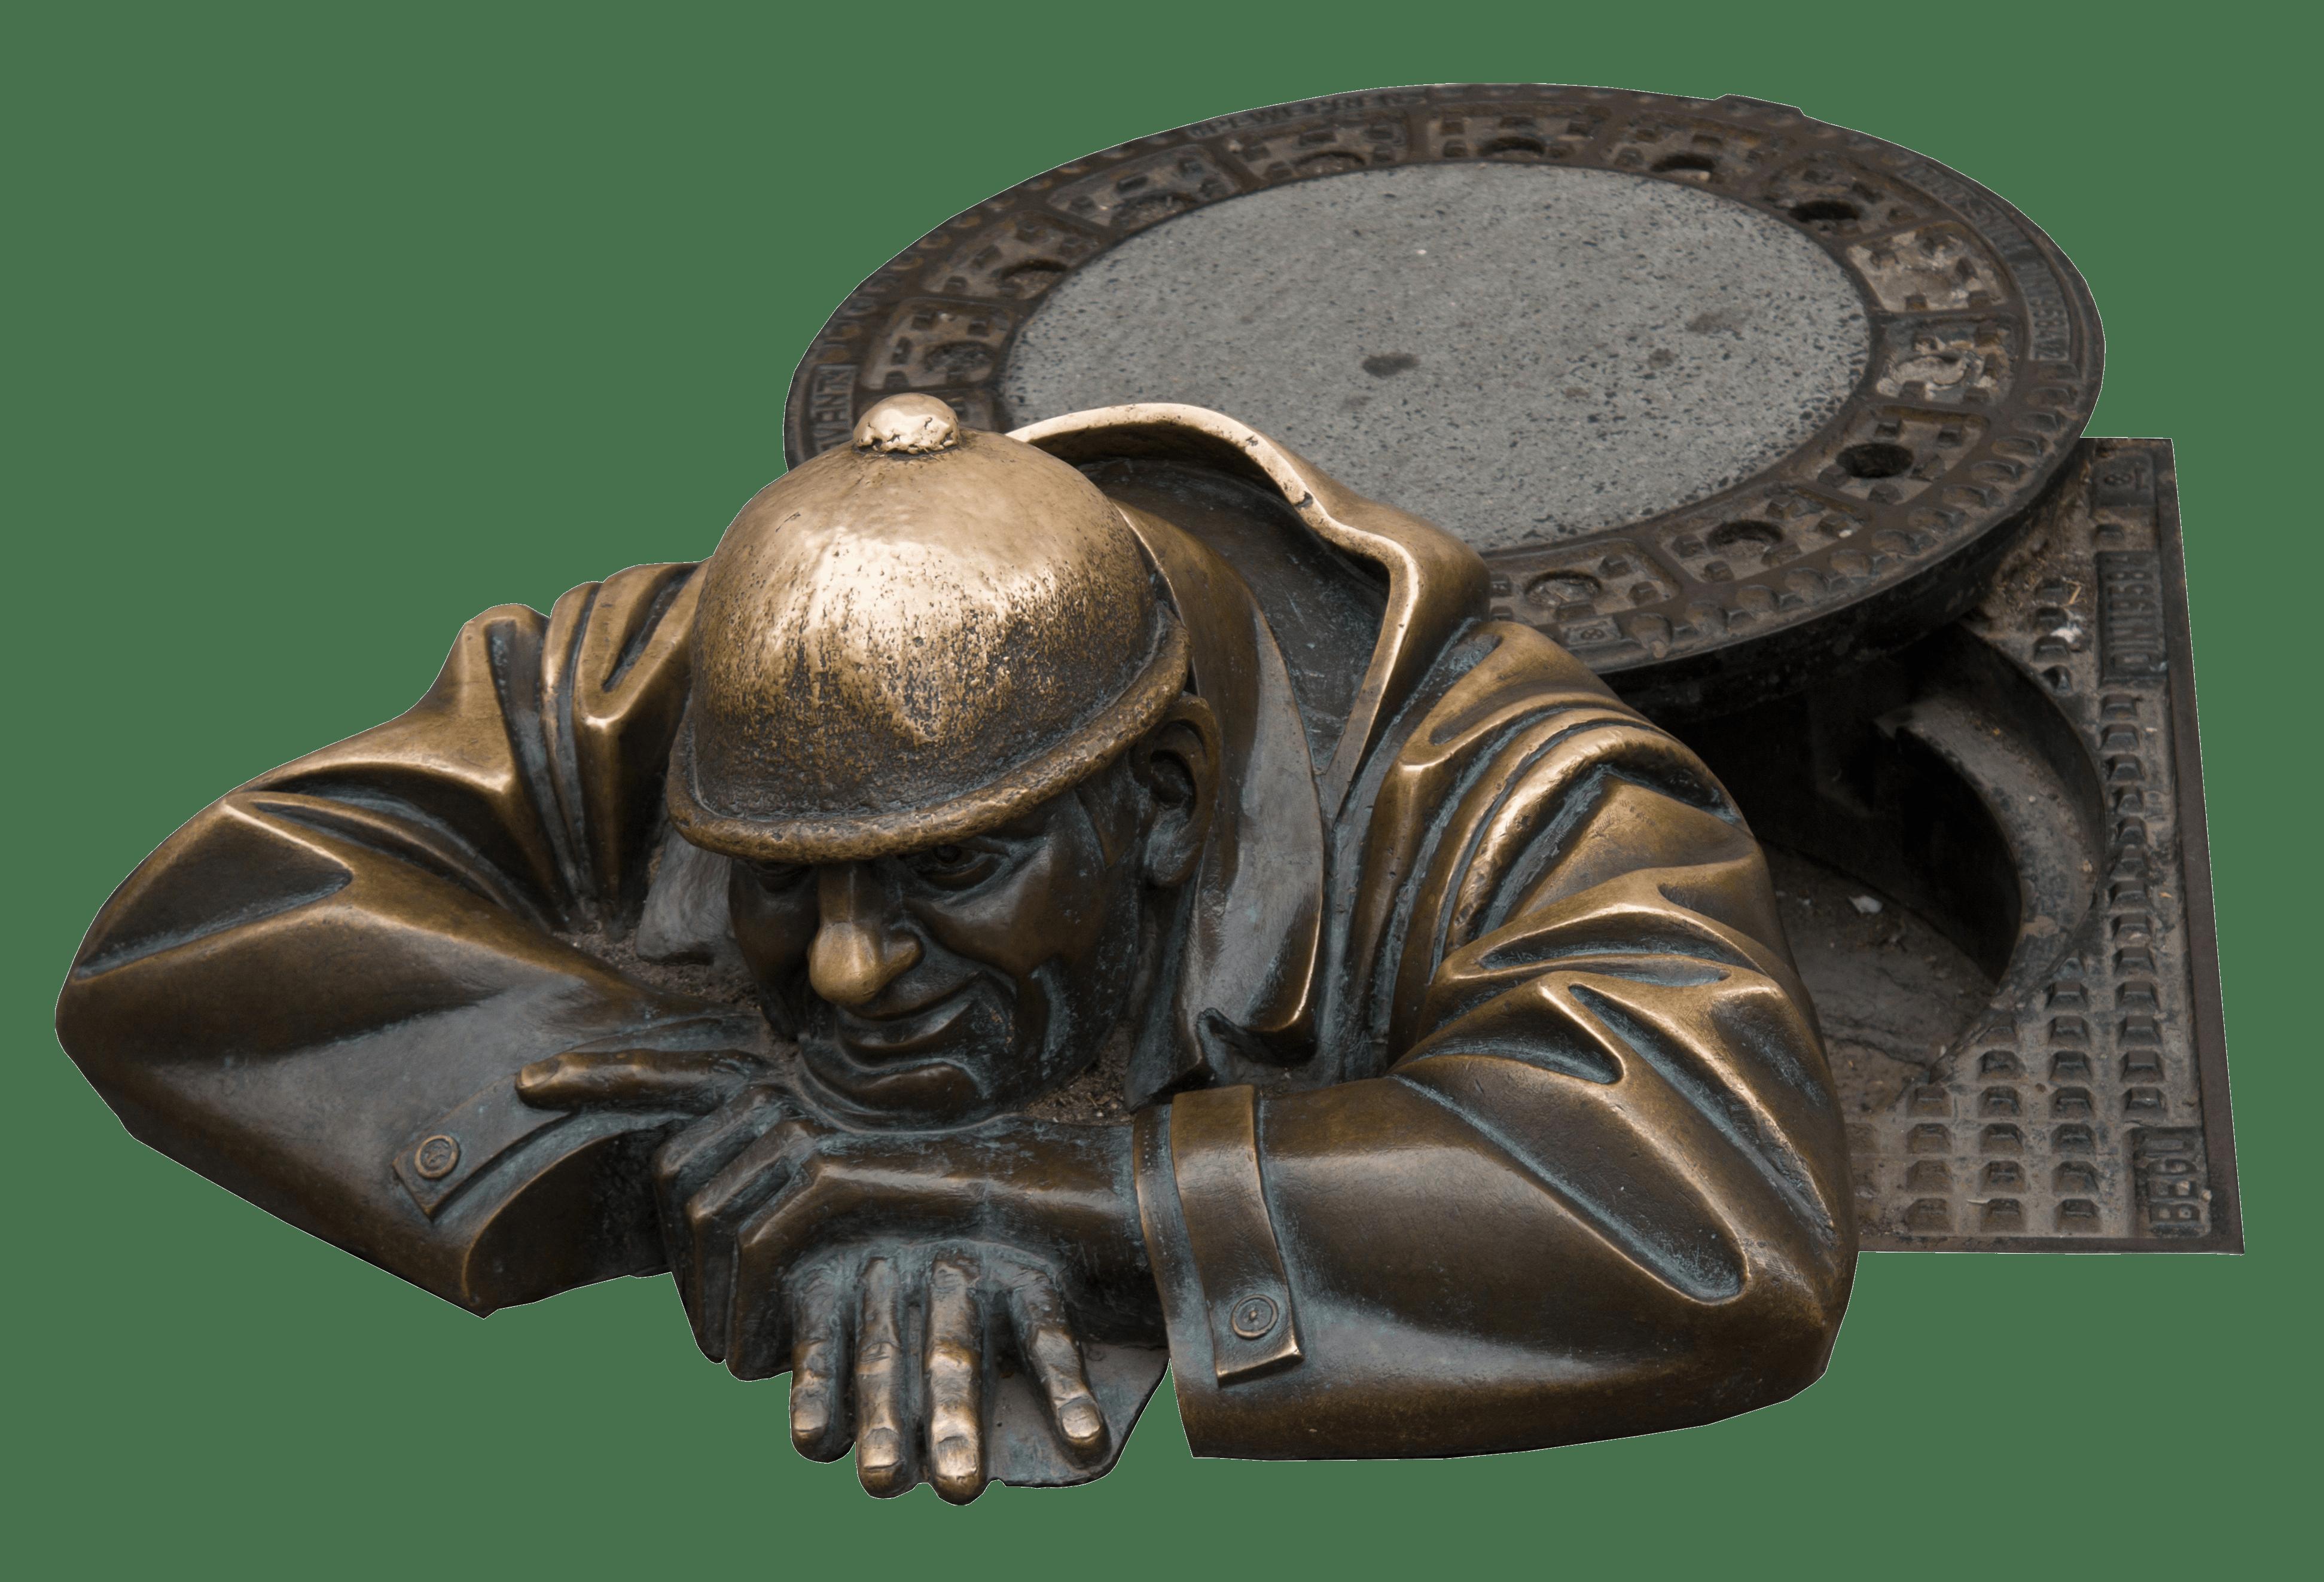 Free stock photo of ausschau, bratislava, break, bronze